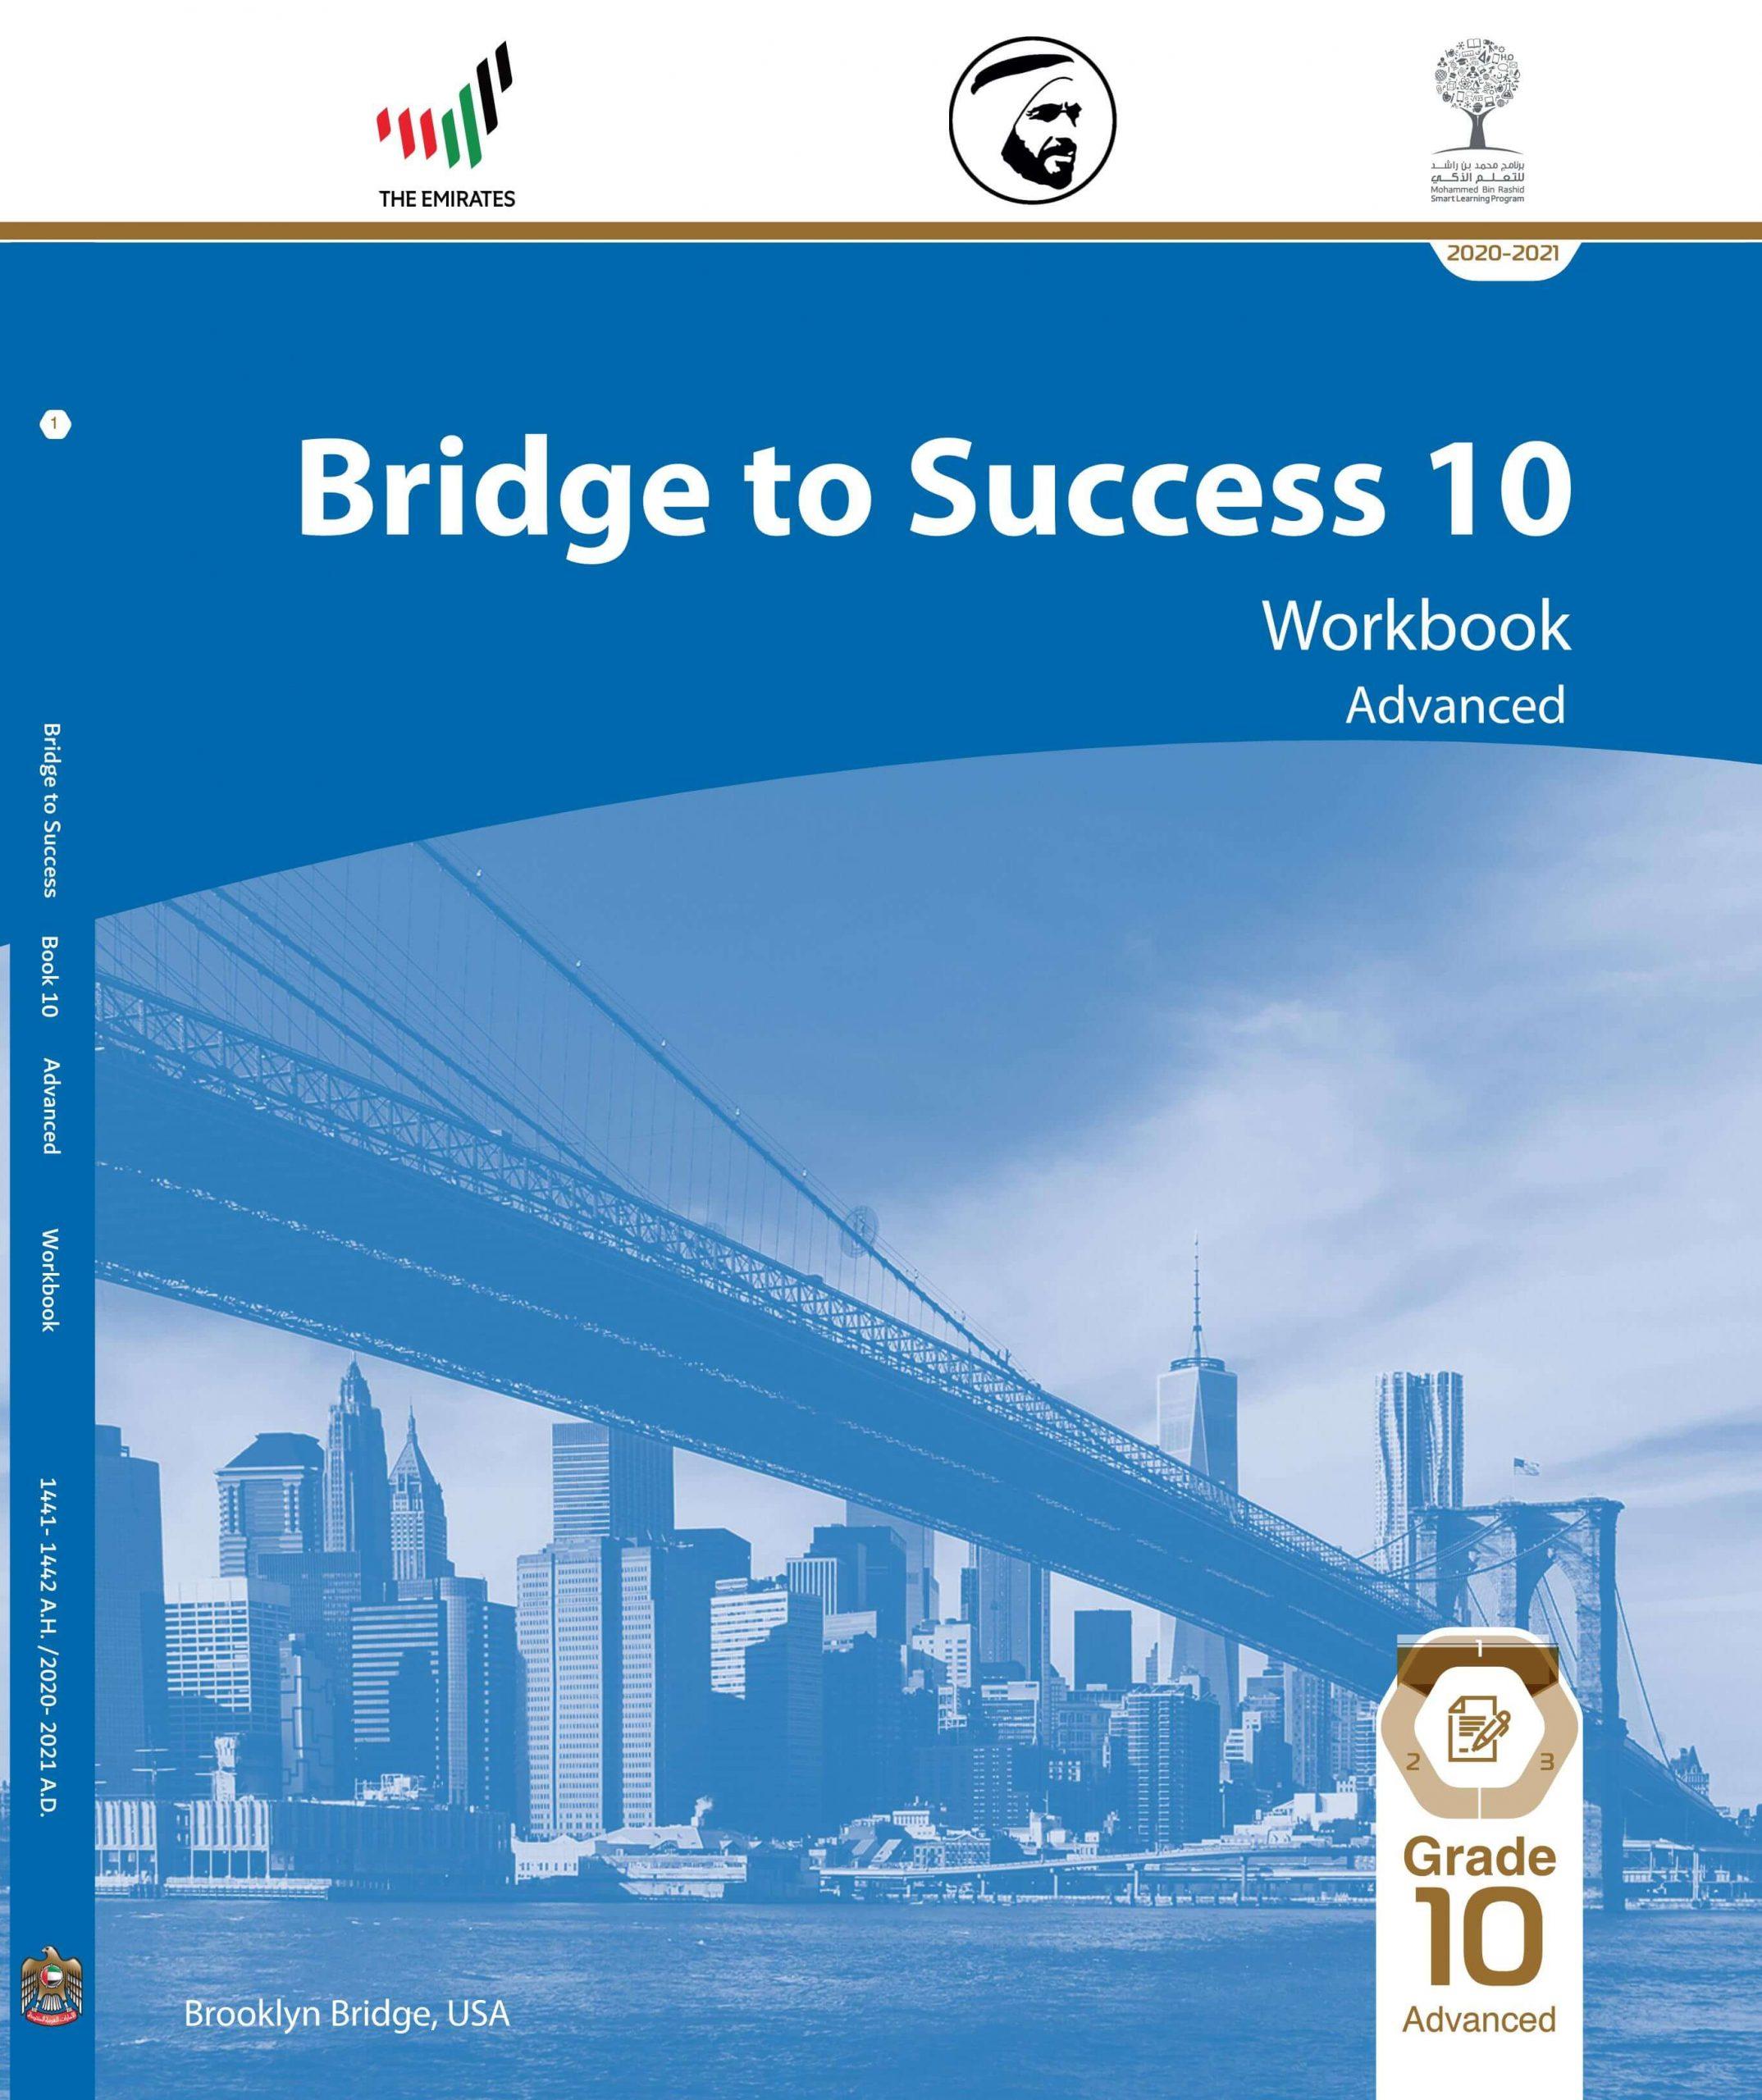 كتاب النشاط Workbook 2020 -2021 للصف العاشر مادة اللغة الانجليزية